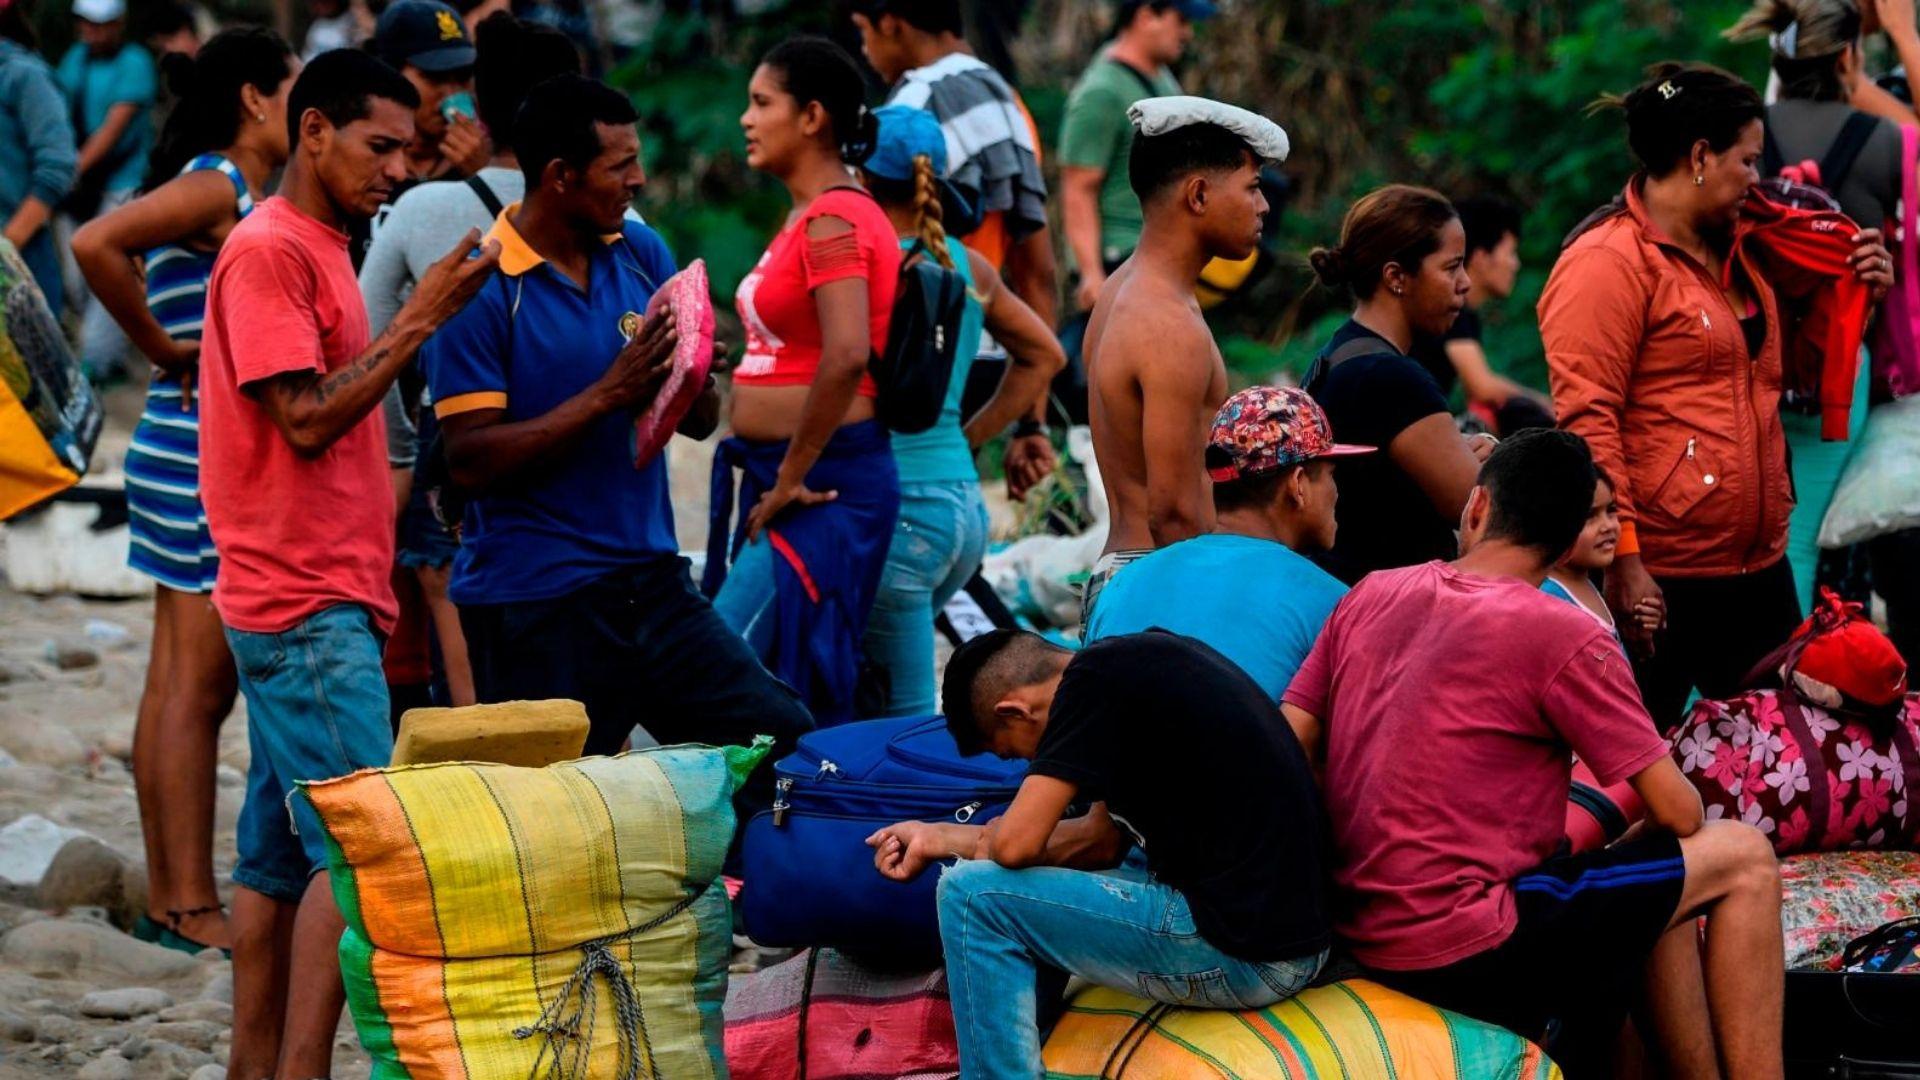 Condenan a 17 venezolanos en Trinidad y Tobago por entrar de forma ilegal al país